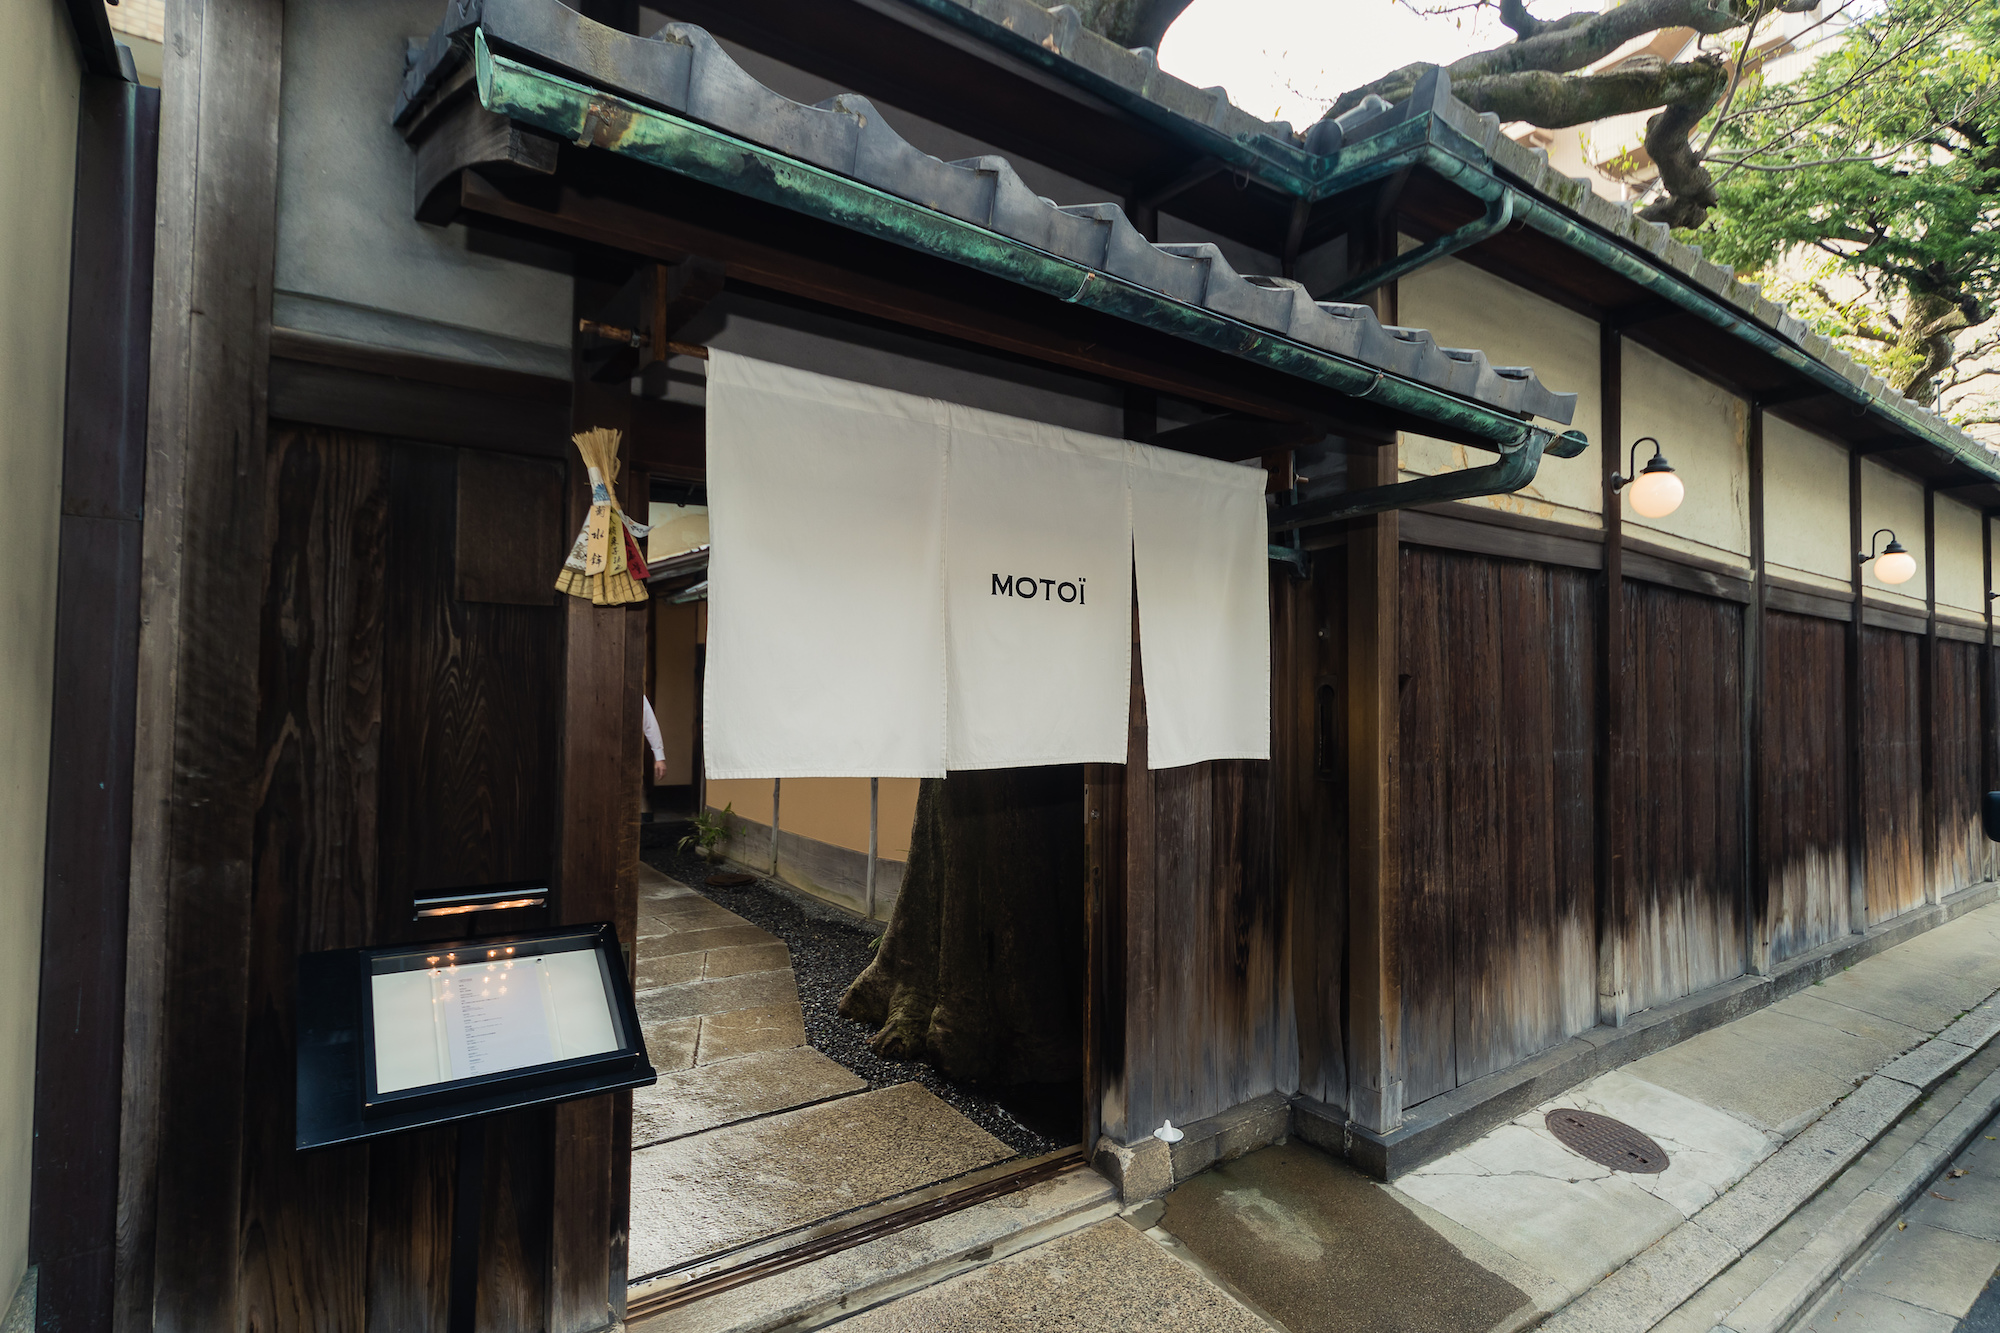 Restaurant MOTOI entrance